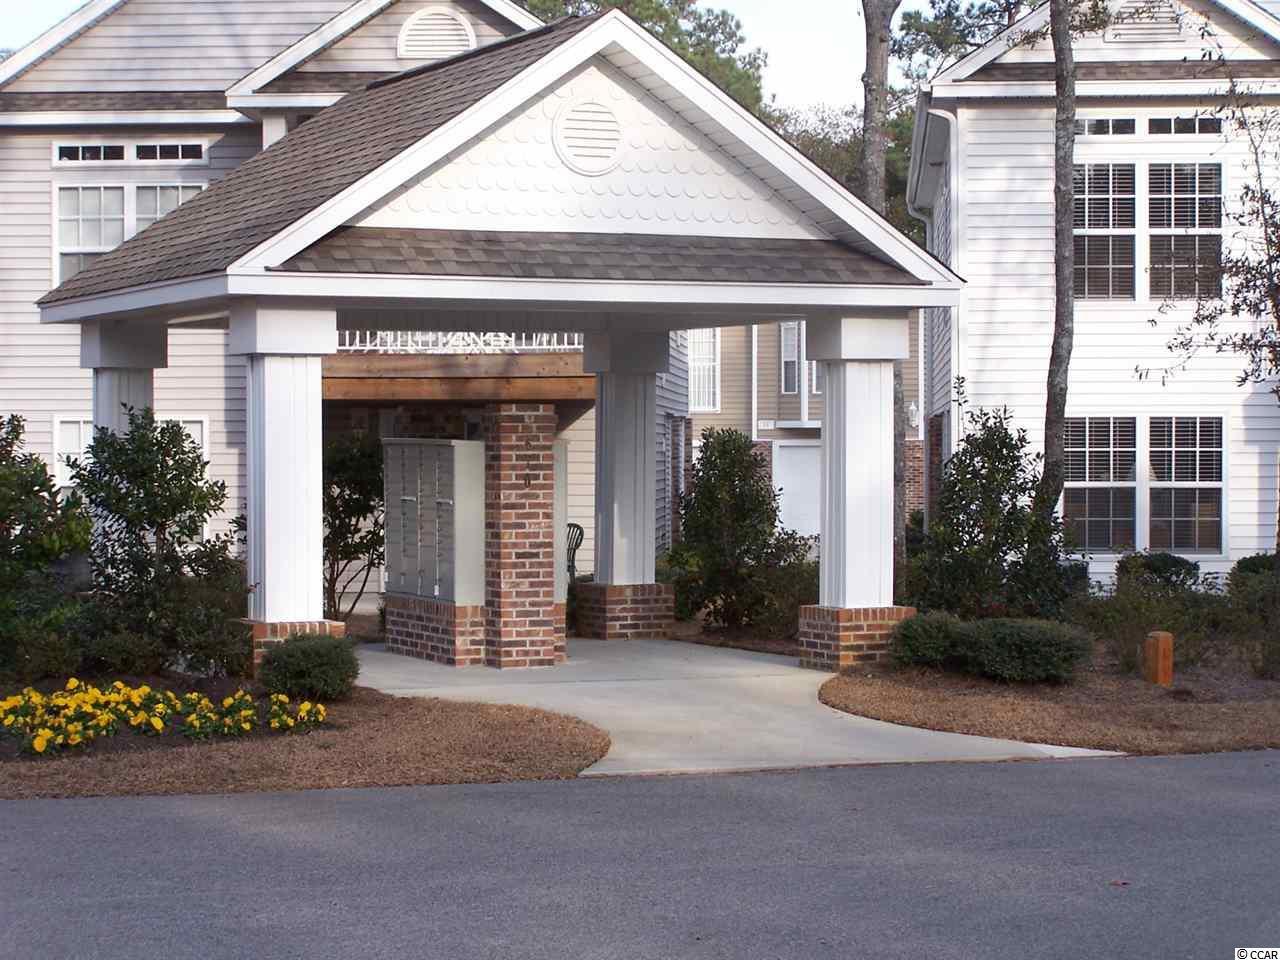 Mls 1800378 Cottages At Tilghman Estates 670 N 2nd